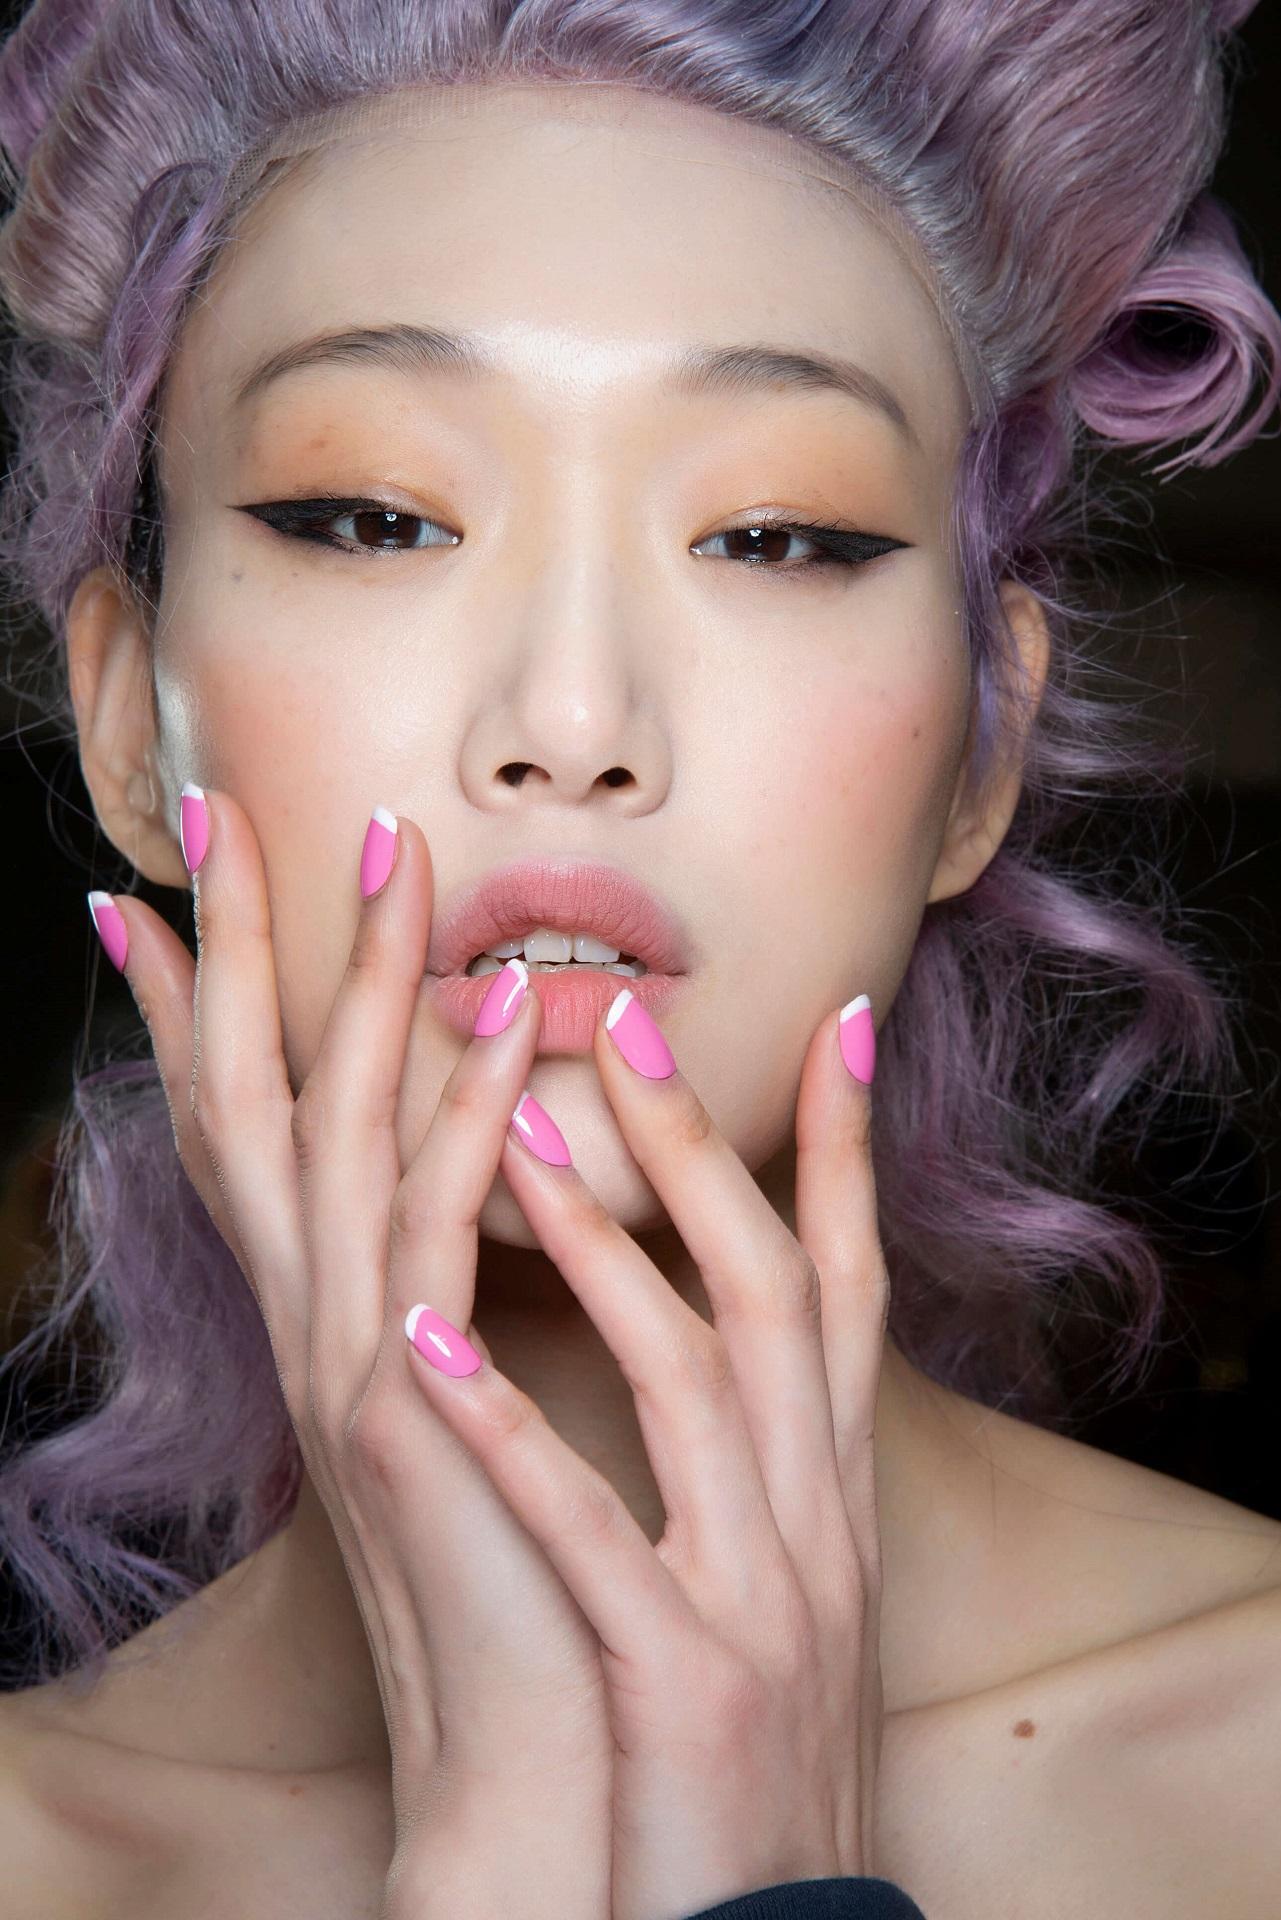 Подиумные тенденции: 10 модных дизайнов маникюра 2021 года-Фото 10